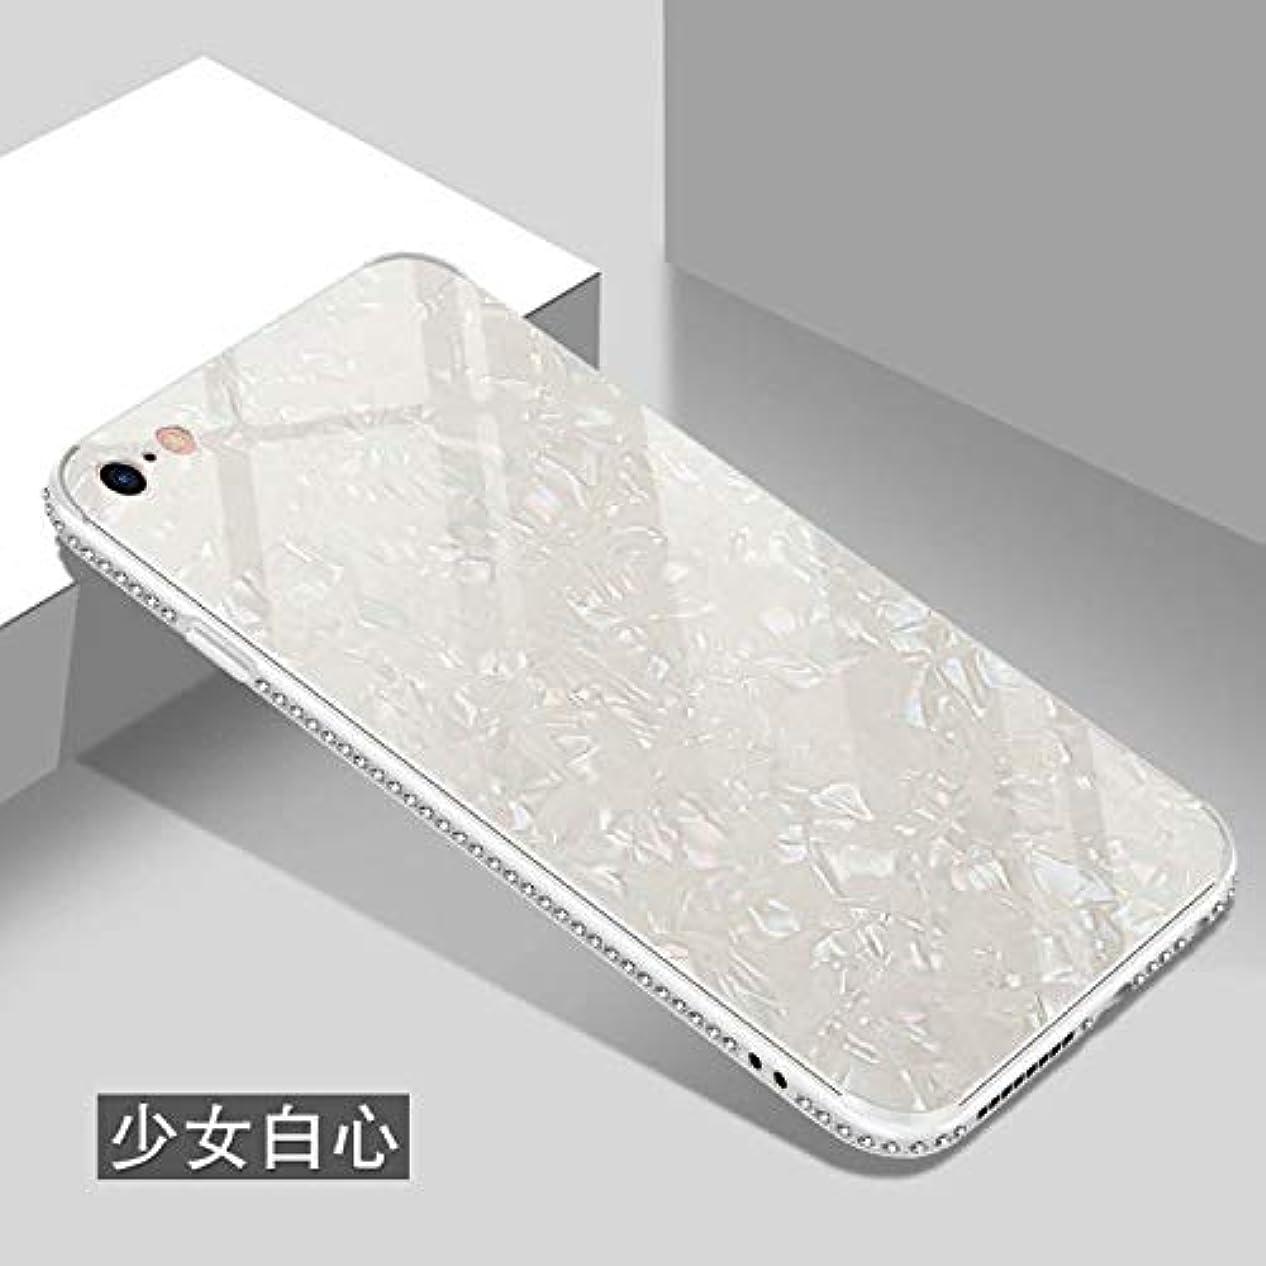 意志リーシュートiPhone ケース レディース メンズ 携帯ケース iPhone7/8/7Plus/8Plus,iPhone X/XR,iPhoneXS/XS MAX (iPhone7 Plus ケース)